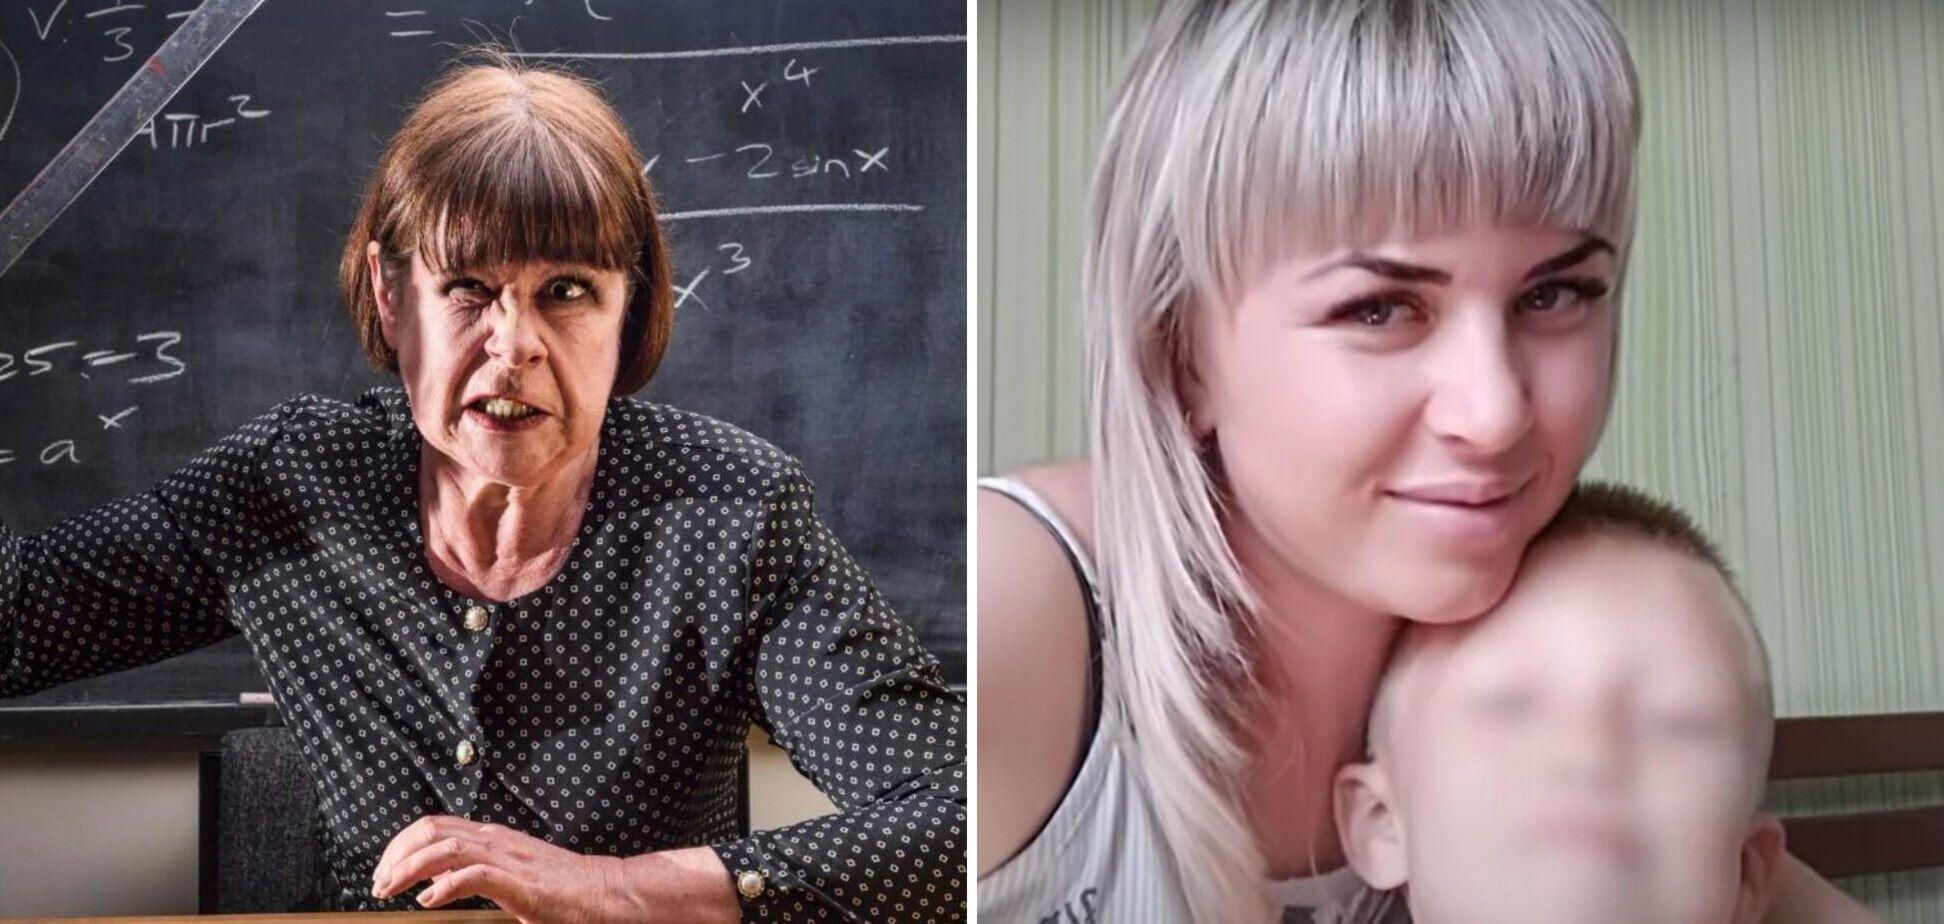 На Донбасі розгорівся скандал через приниження дитини в школі: вчителька провини не визнає. Відео